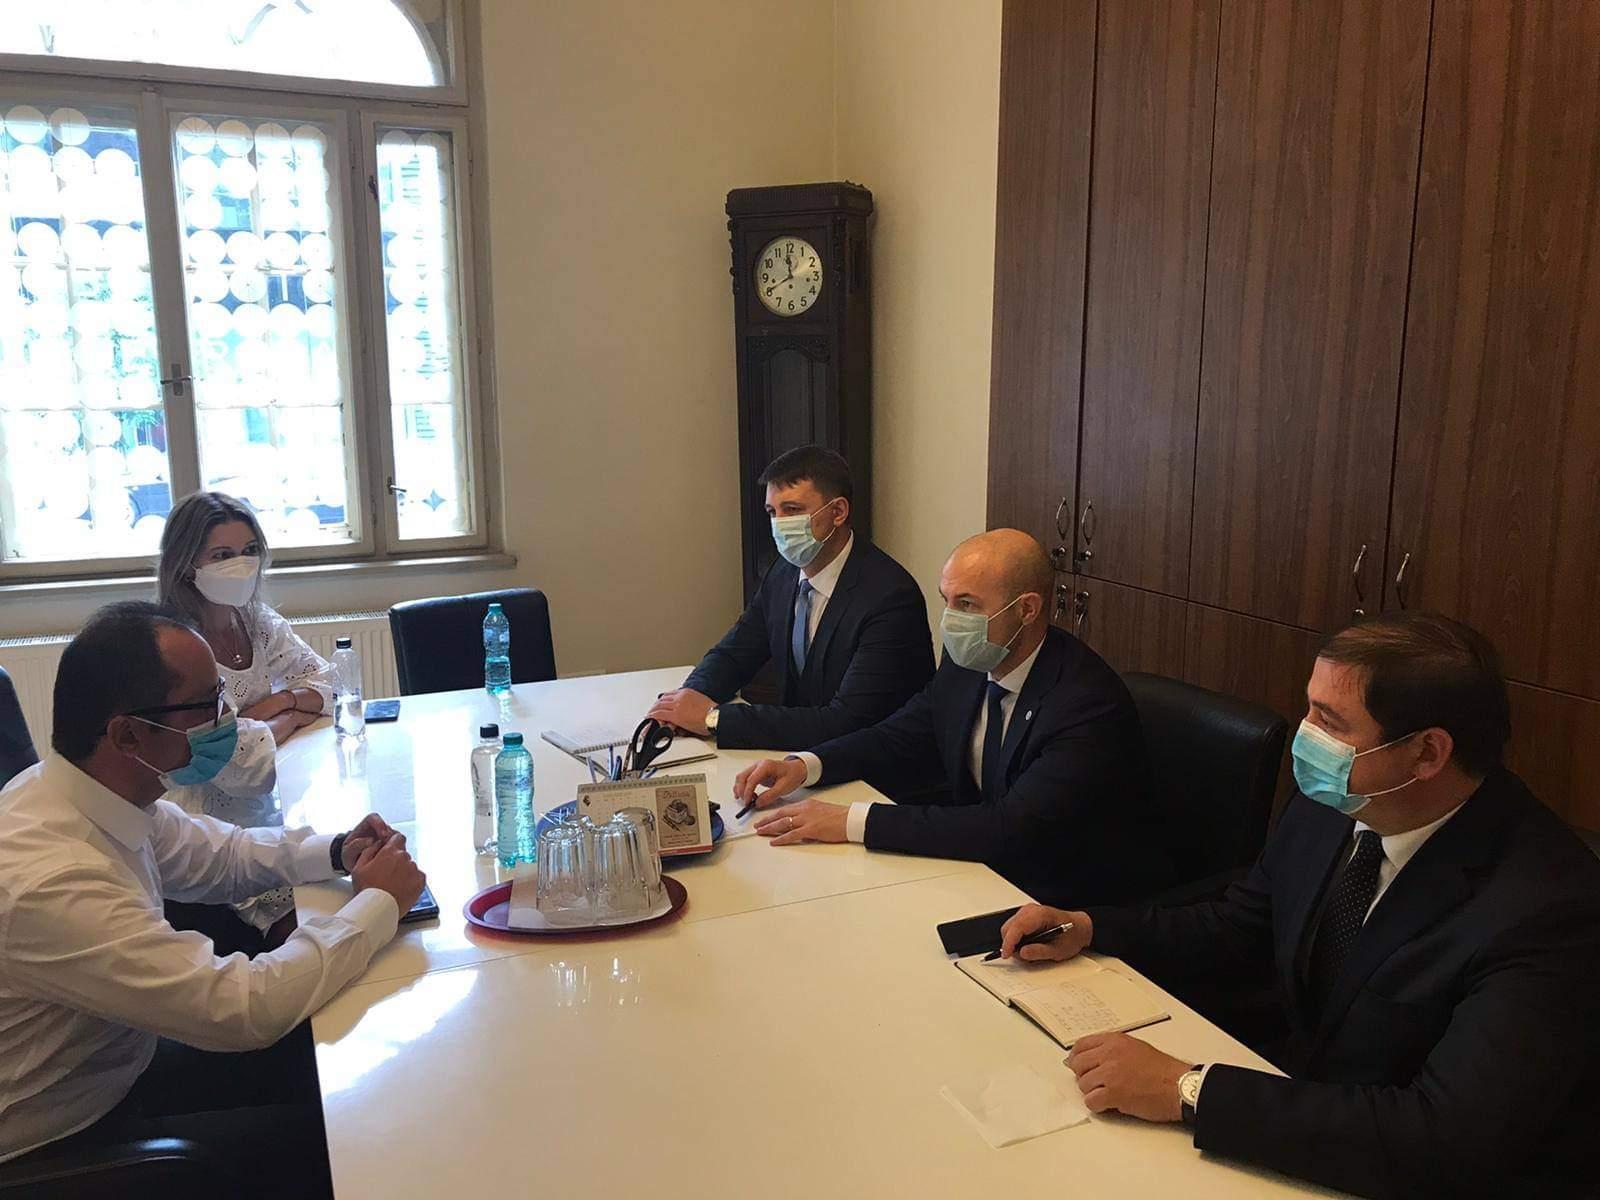 """Directorul AMDM către europarlamentarul Cristian Bușoi: """"Mizăm pe susținerea României și a UE în obținerea vaccinurilor Anti-Covid-19"""""""